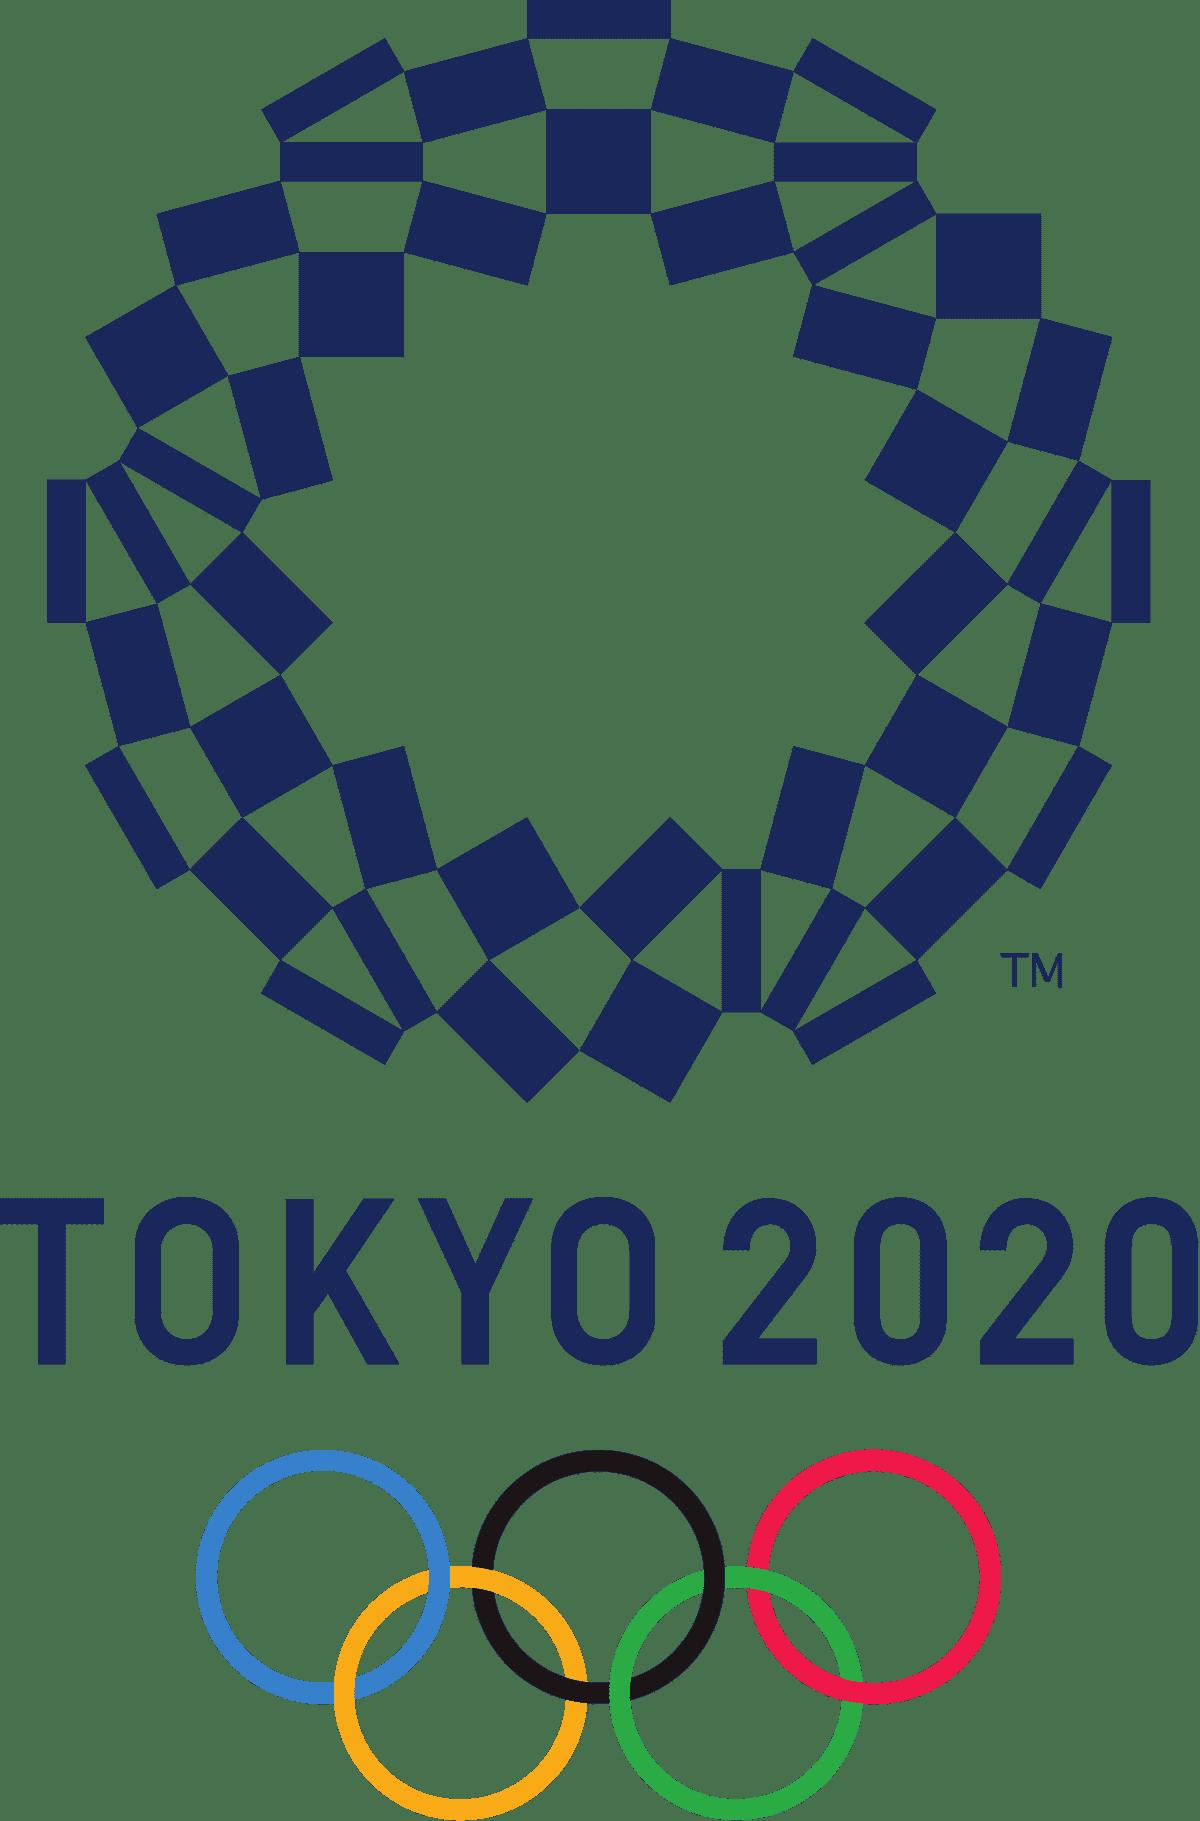 olympia wetten tokio 2020